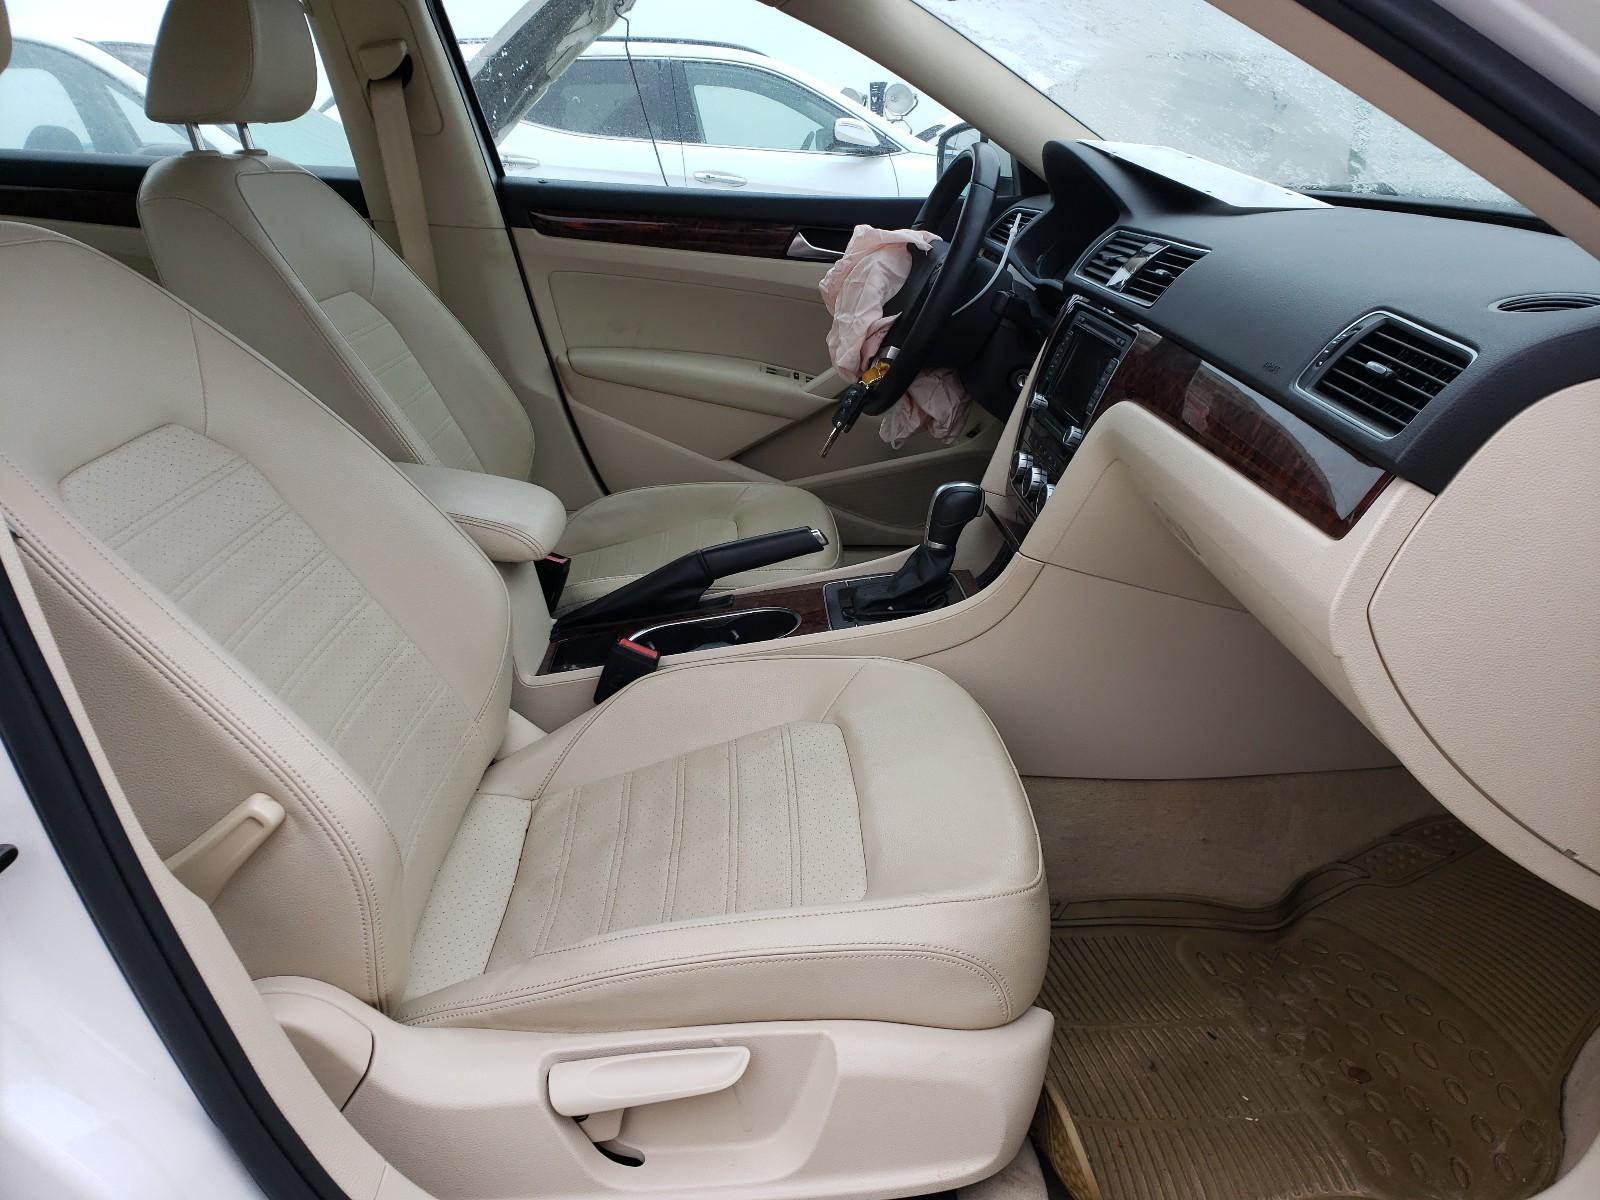 2013 Volkswagen Passat SEL